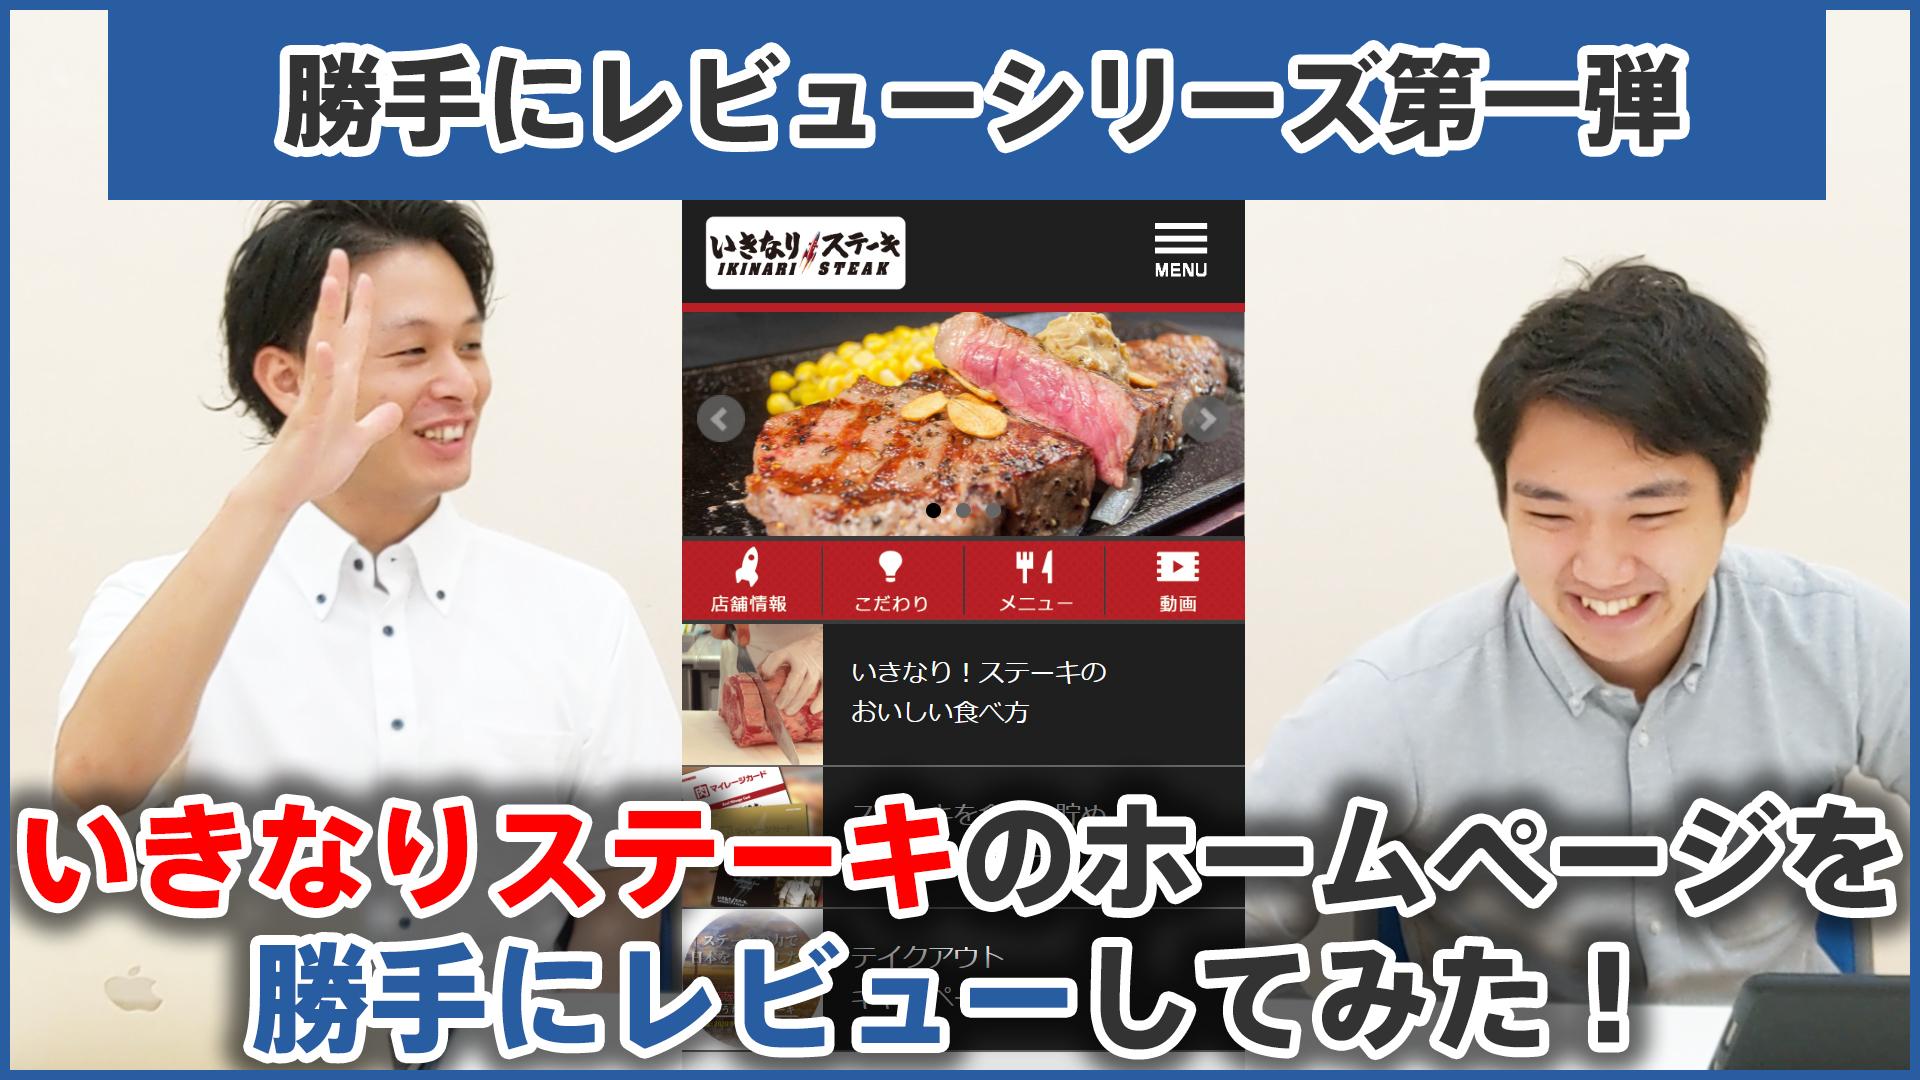 いきなりステーキのホームページを勝手にレビューしてみた